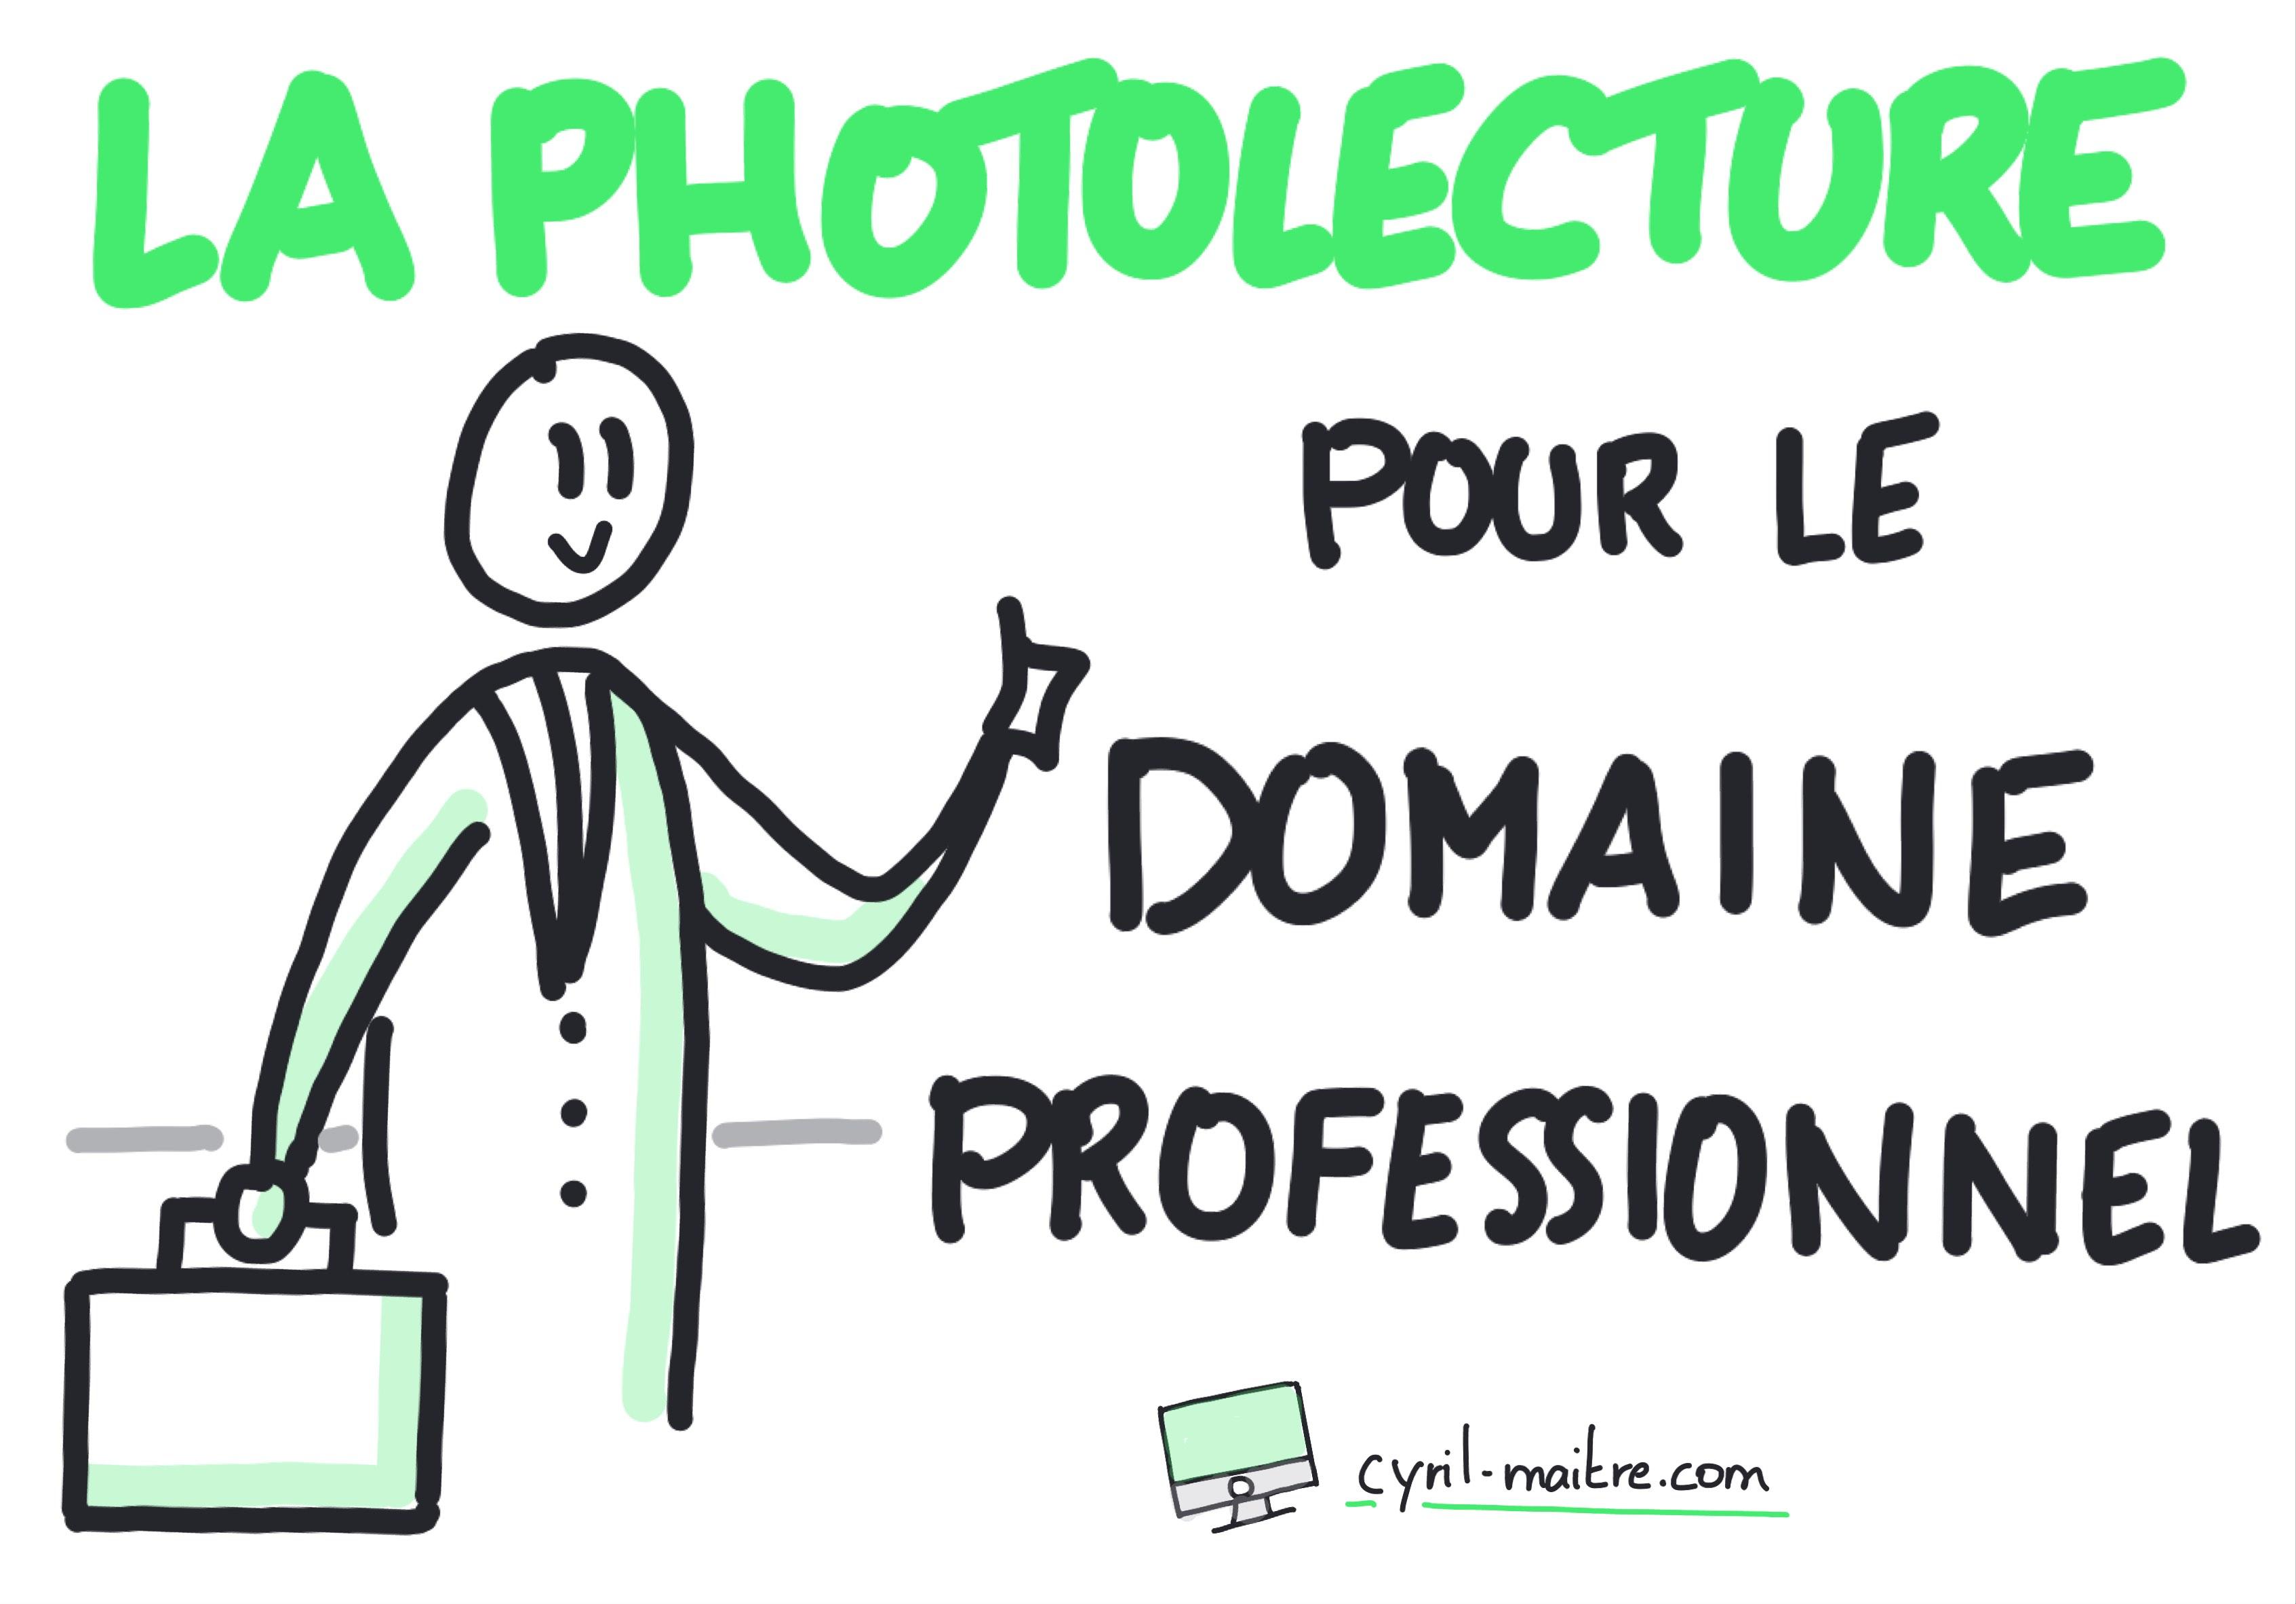 La photolecture et le monde professionnel